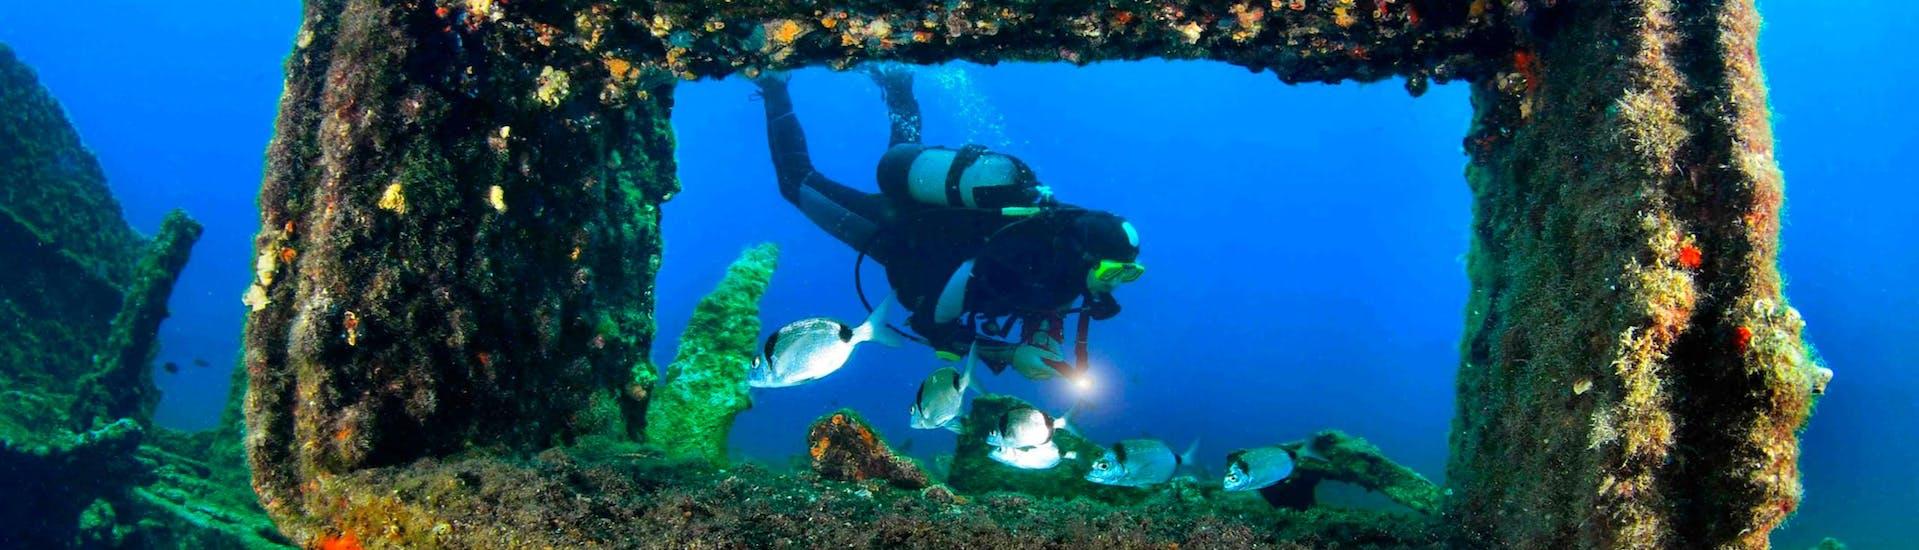 Private Scuba Diving Course - PADI Advanced Open Water Diver